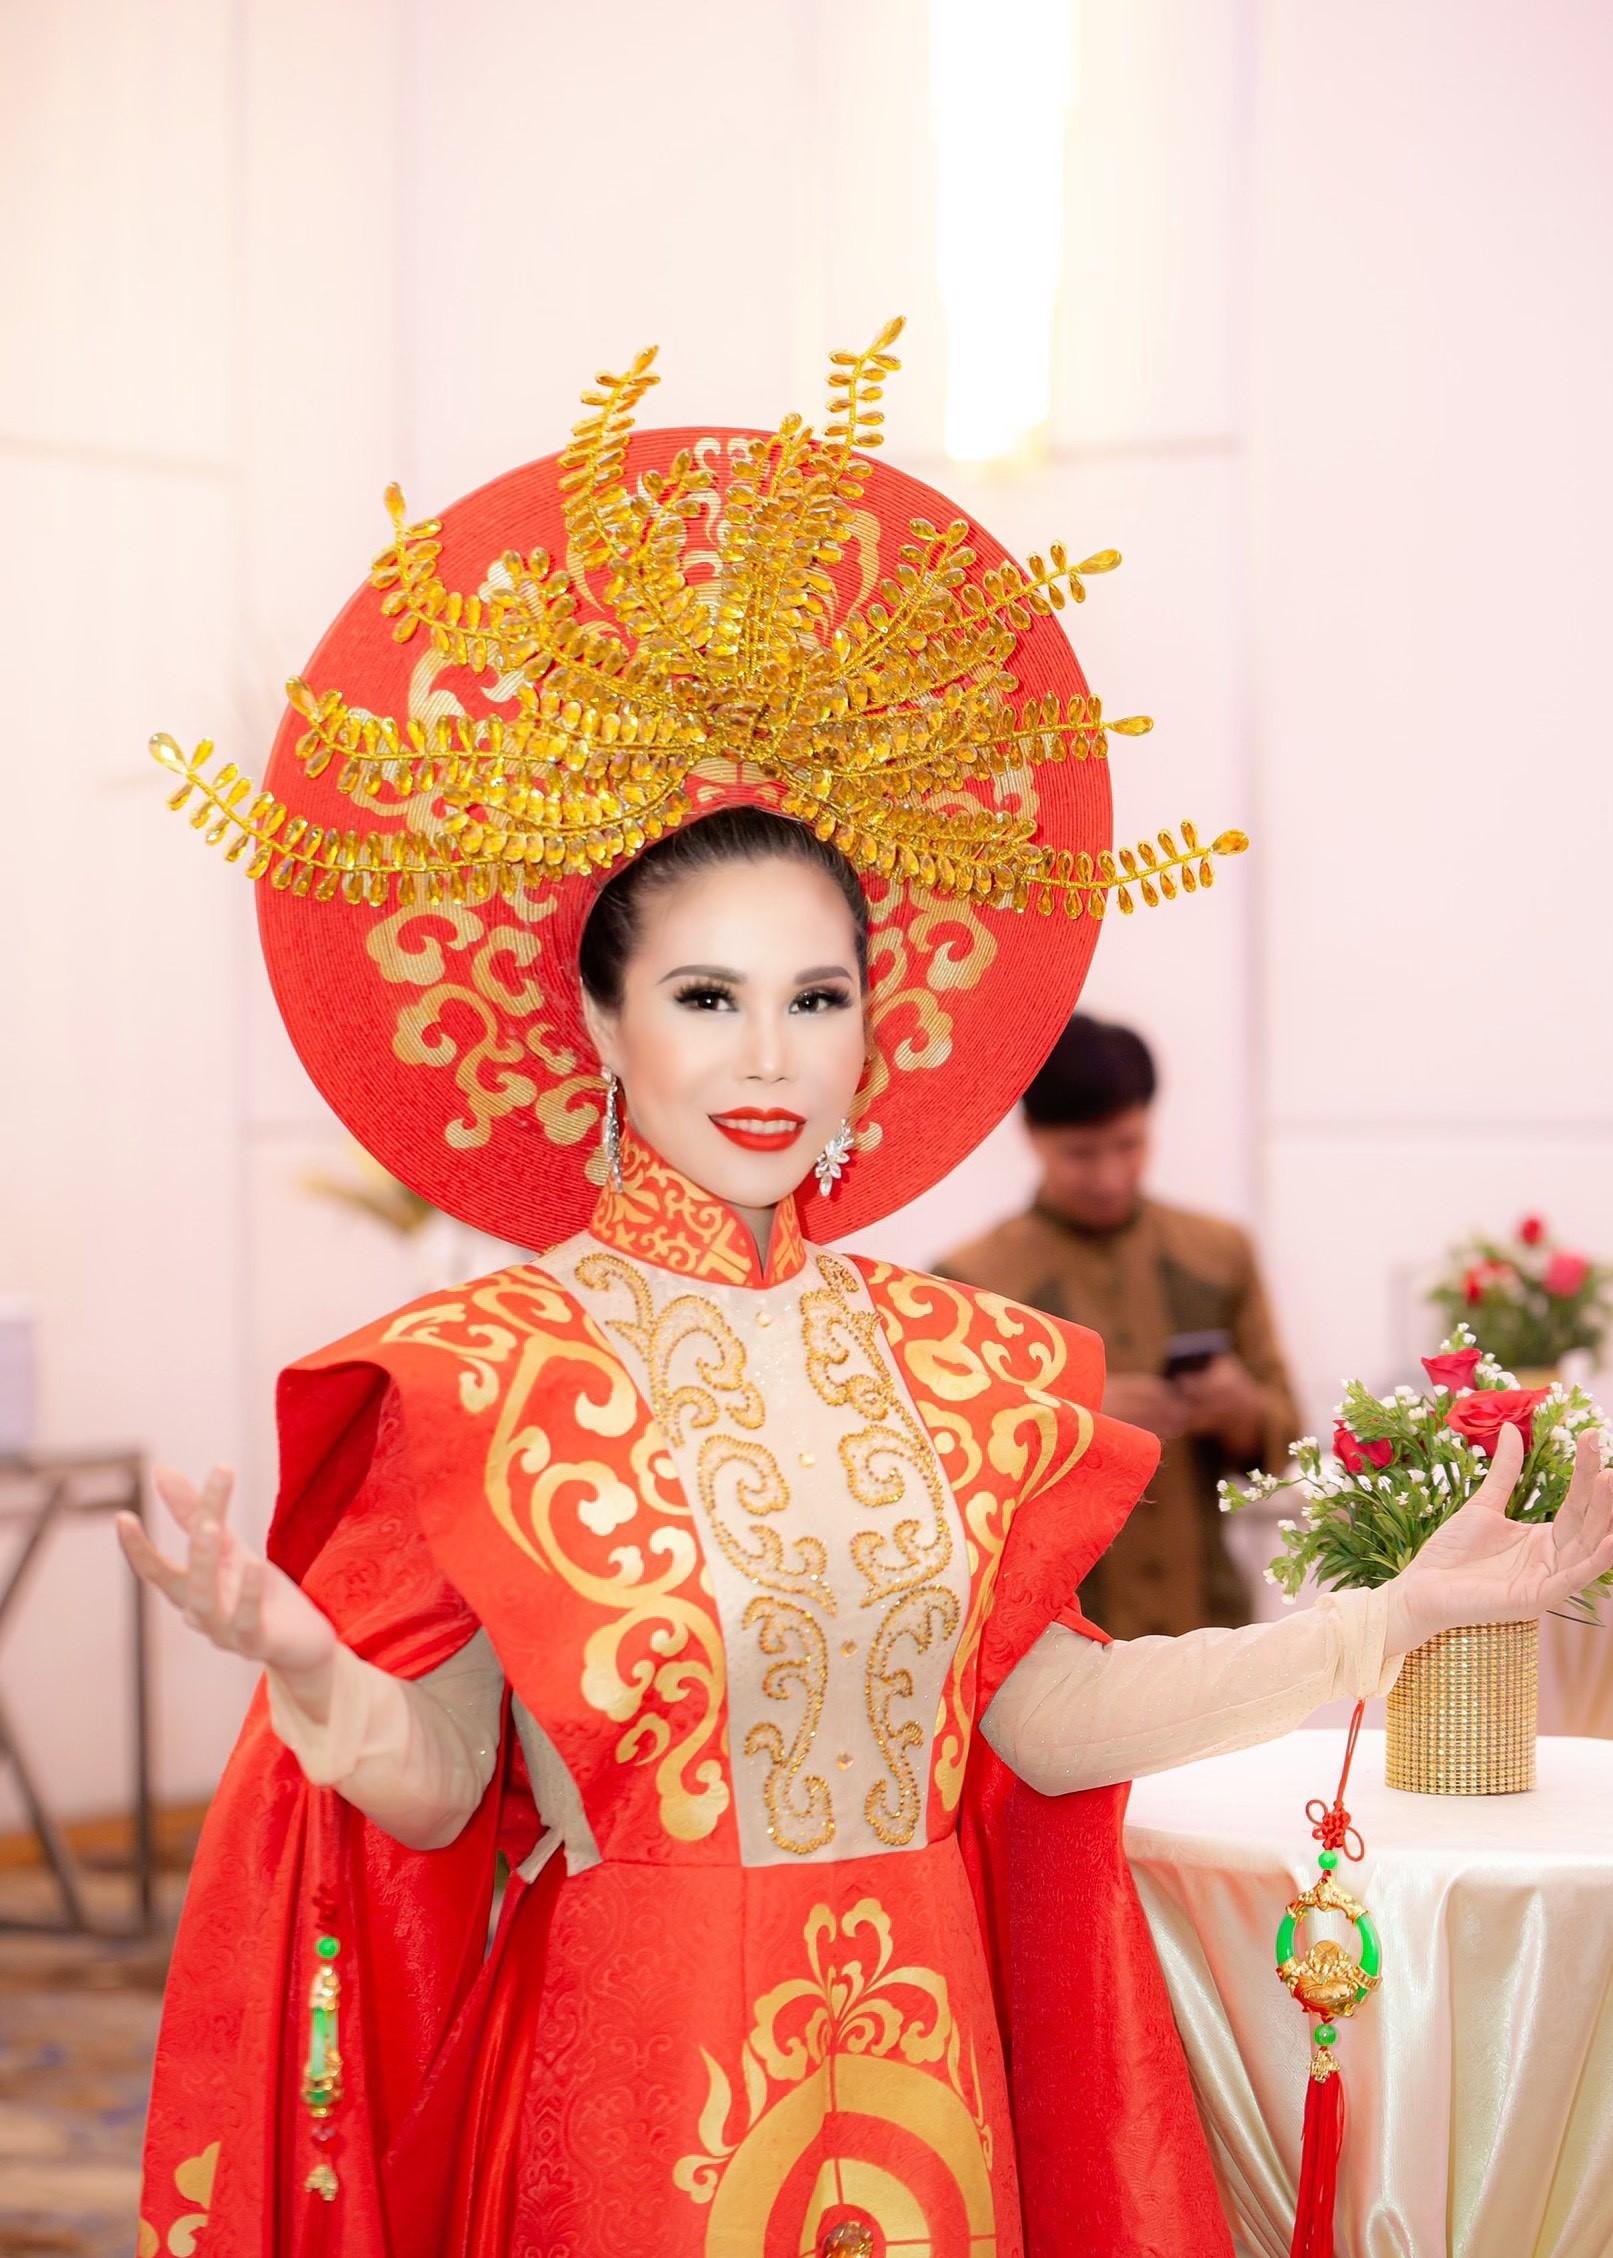 Nguyễn Phong Lan ghi dấu ấn tại chương trình đề cử Bông hồng vàng Asian 2020